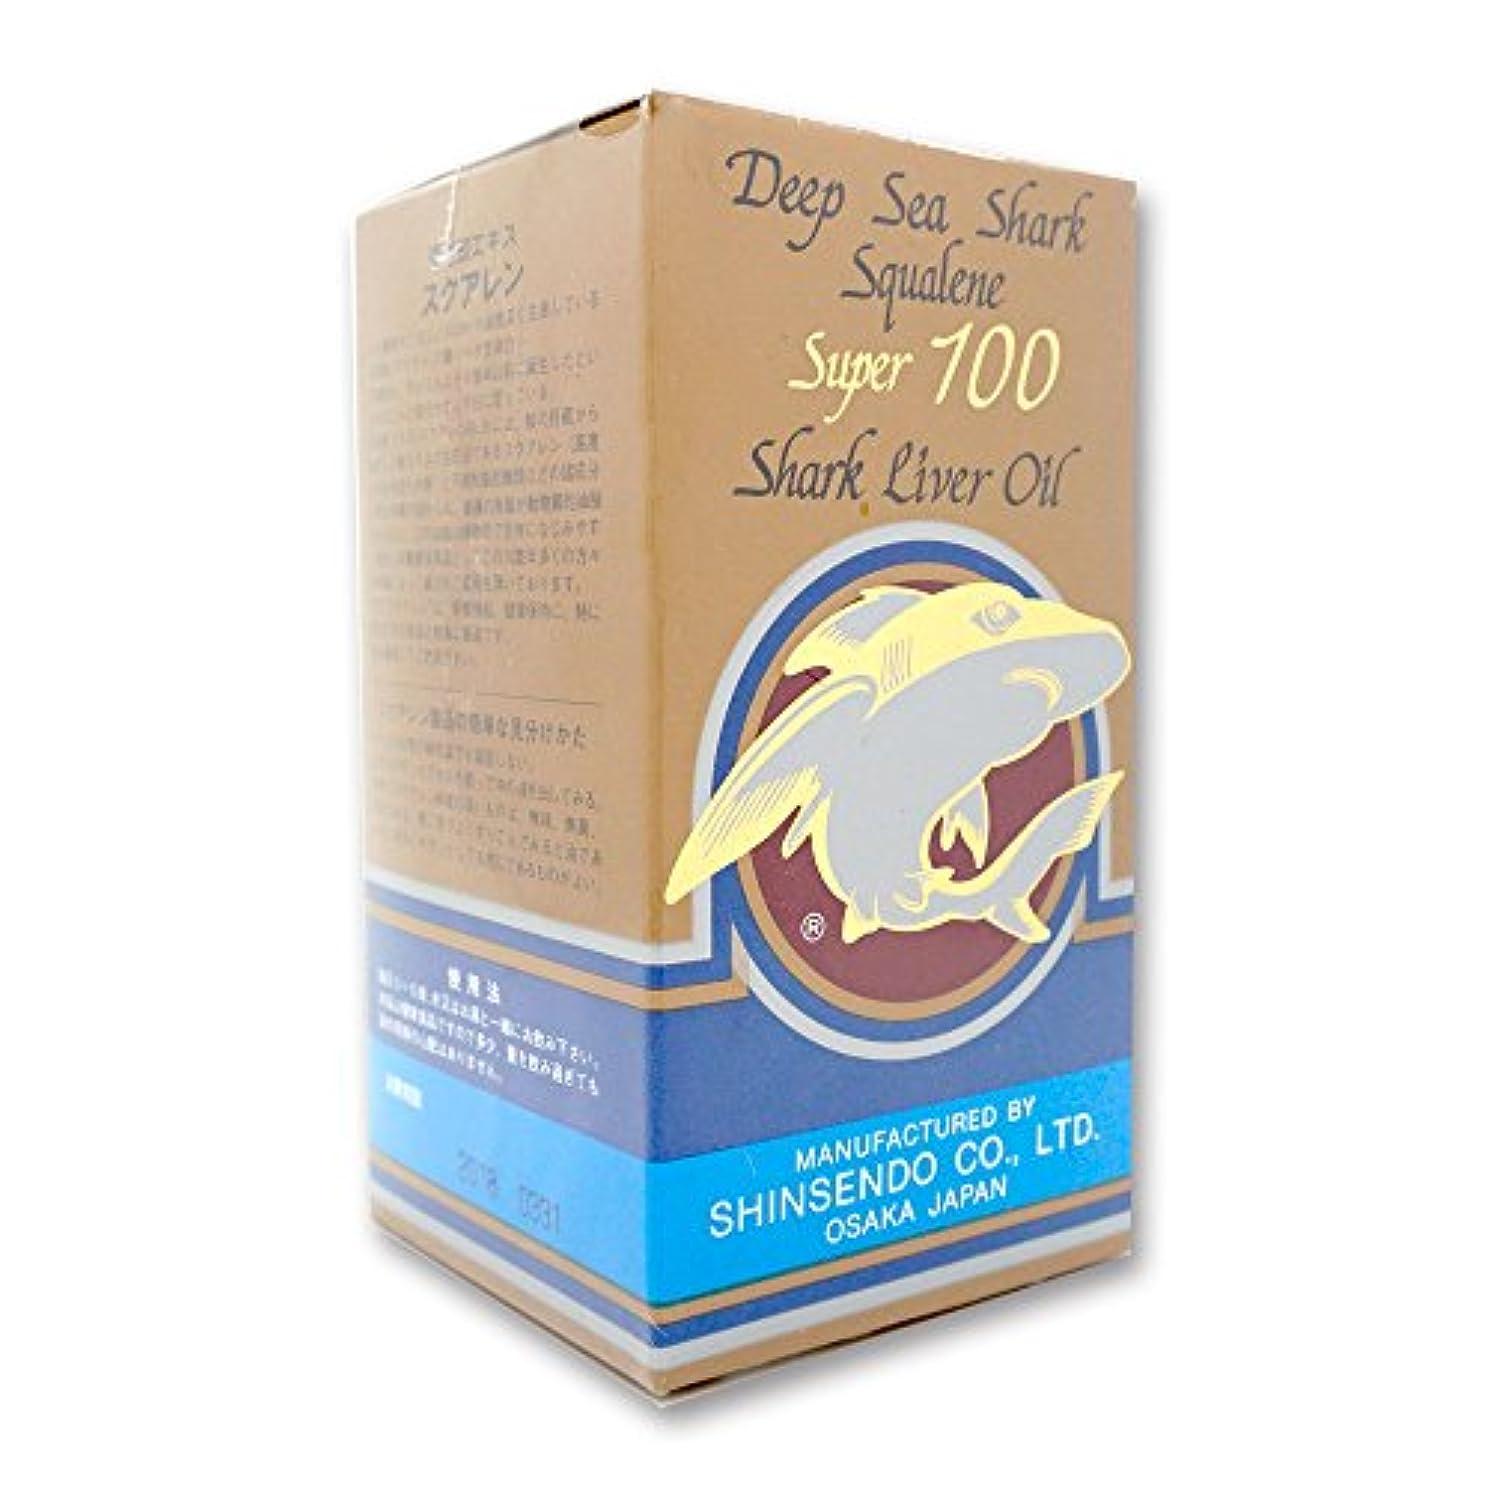 北米形式弓神仙堂 深海鮫 スクワレン スーパー100 330球